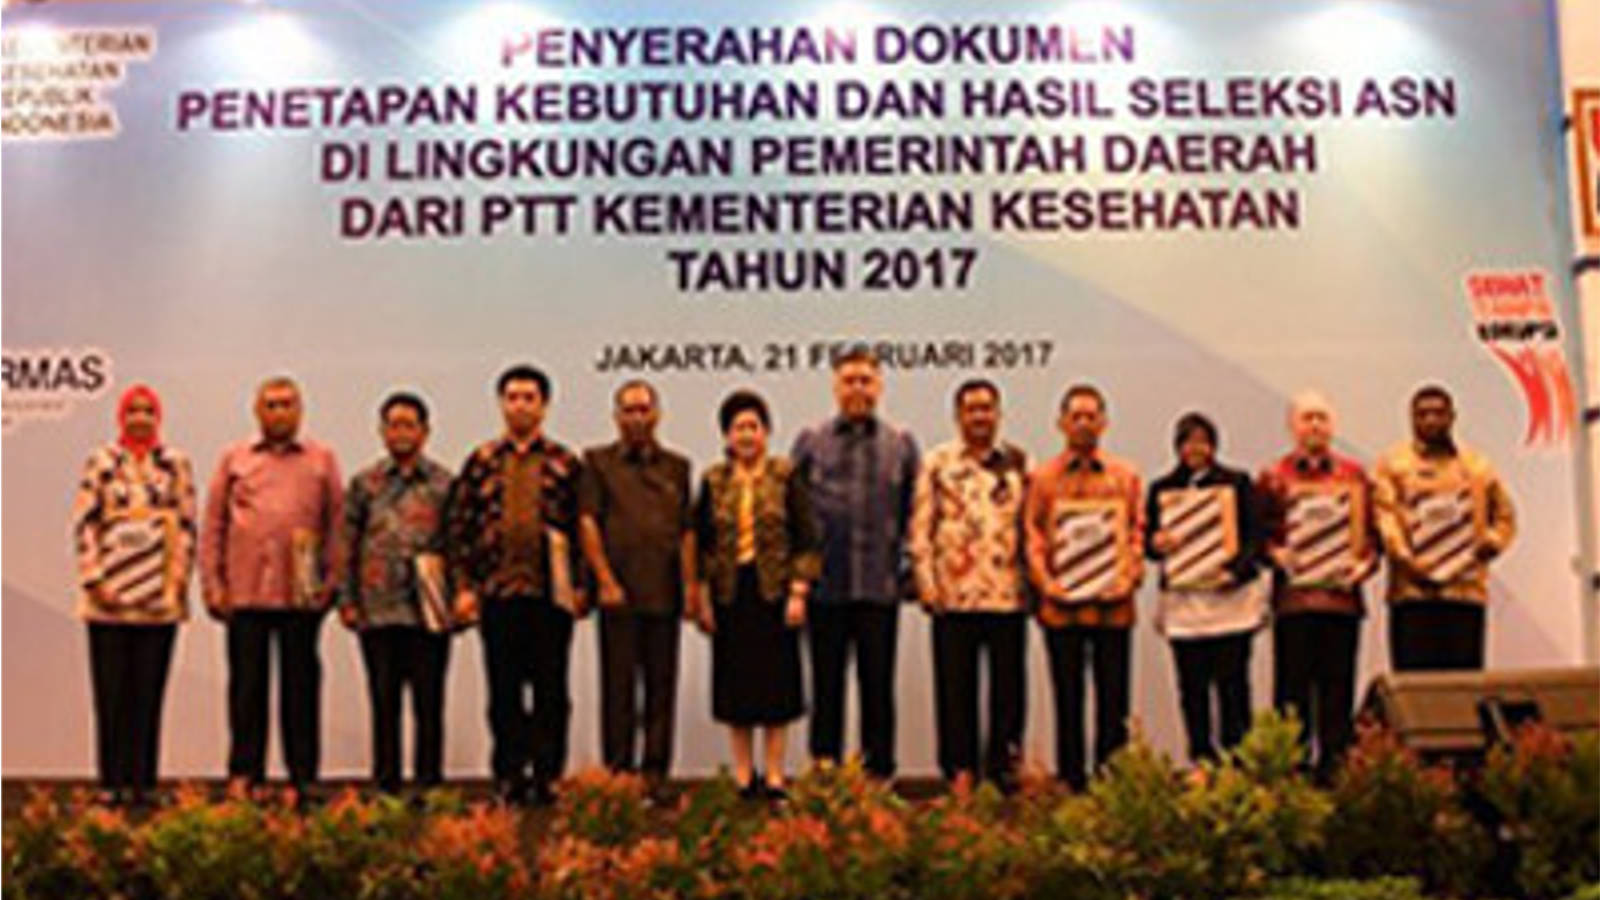 Puluhan Ribu Calon ASN di Lingkungan Daerah dari PTT Kemenkes Ditetapkan